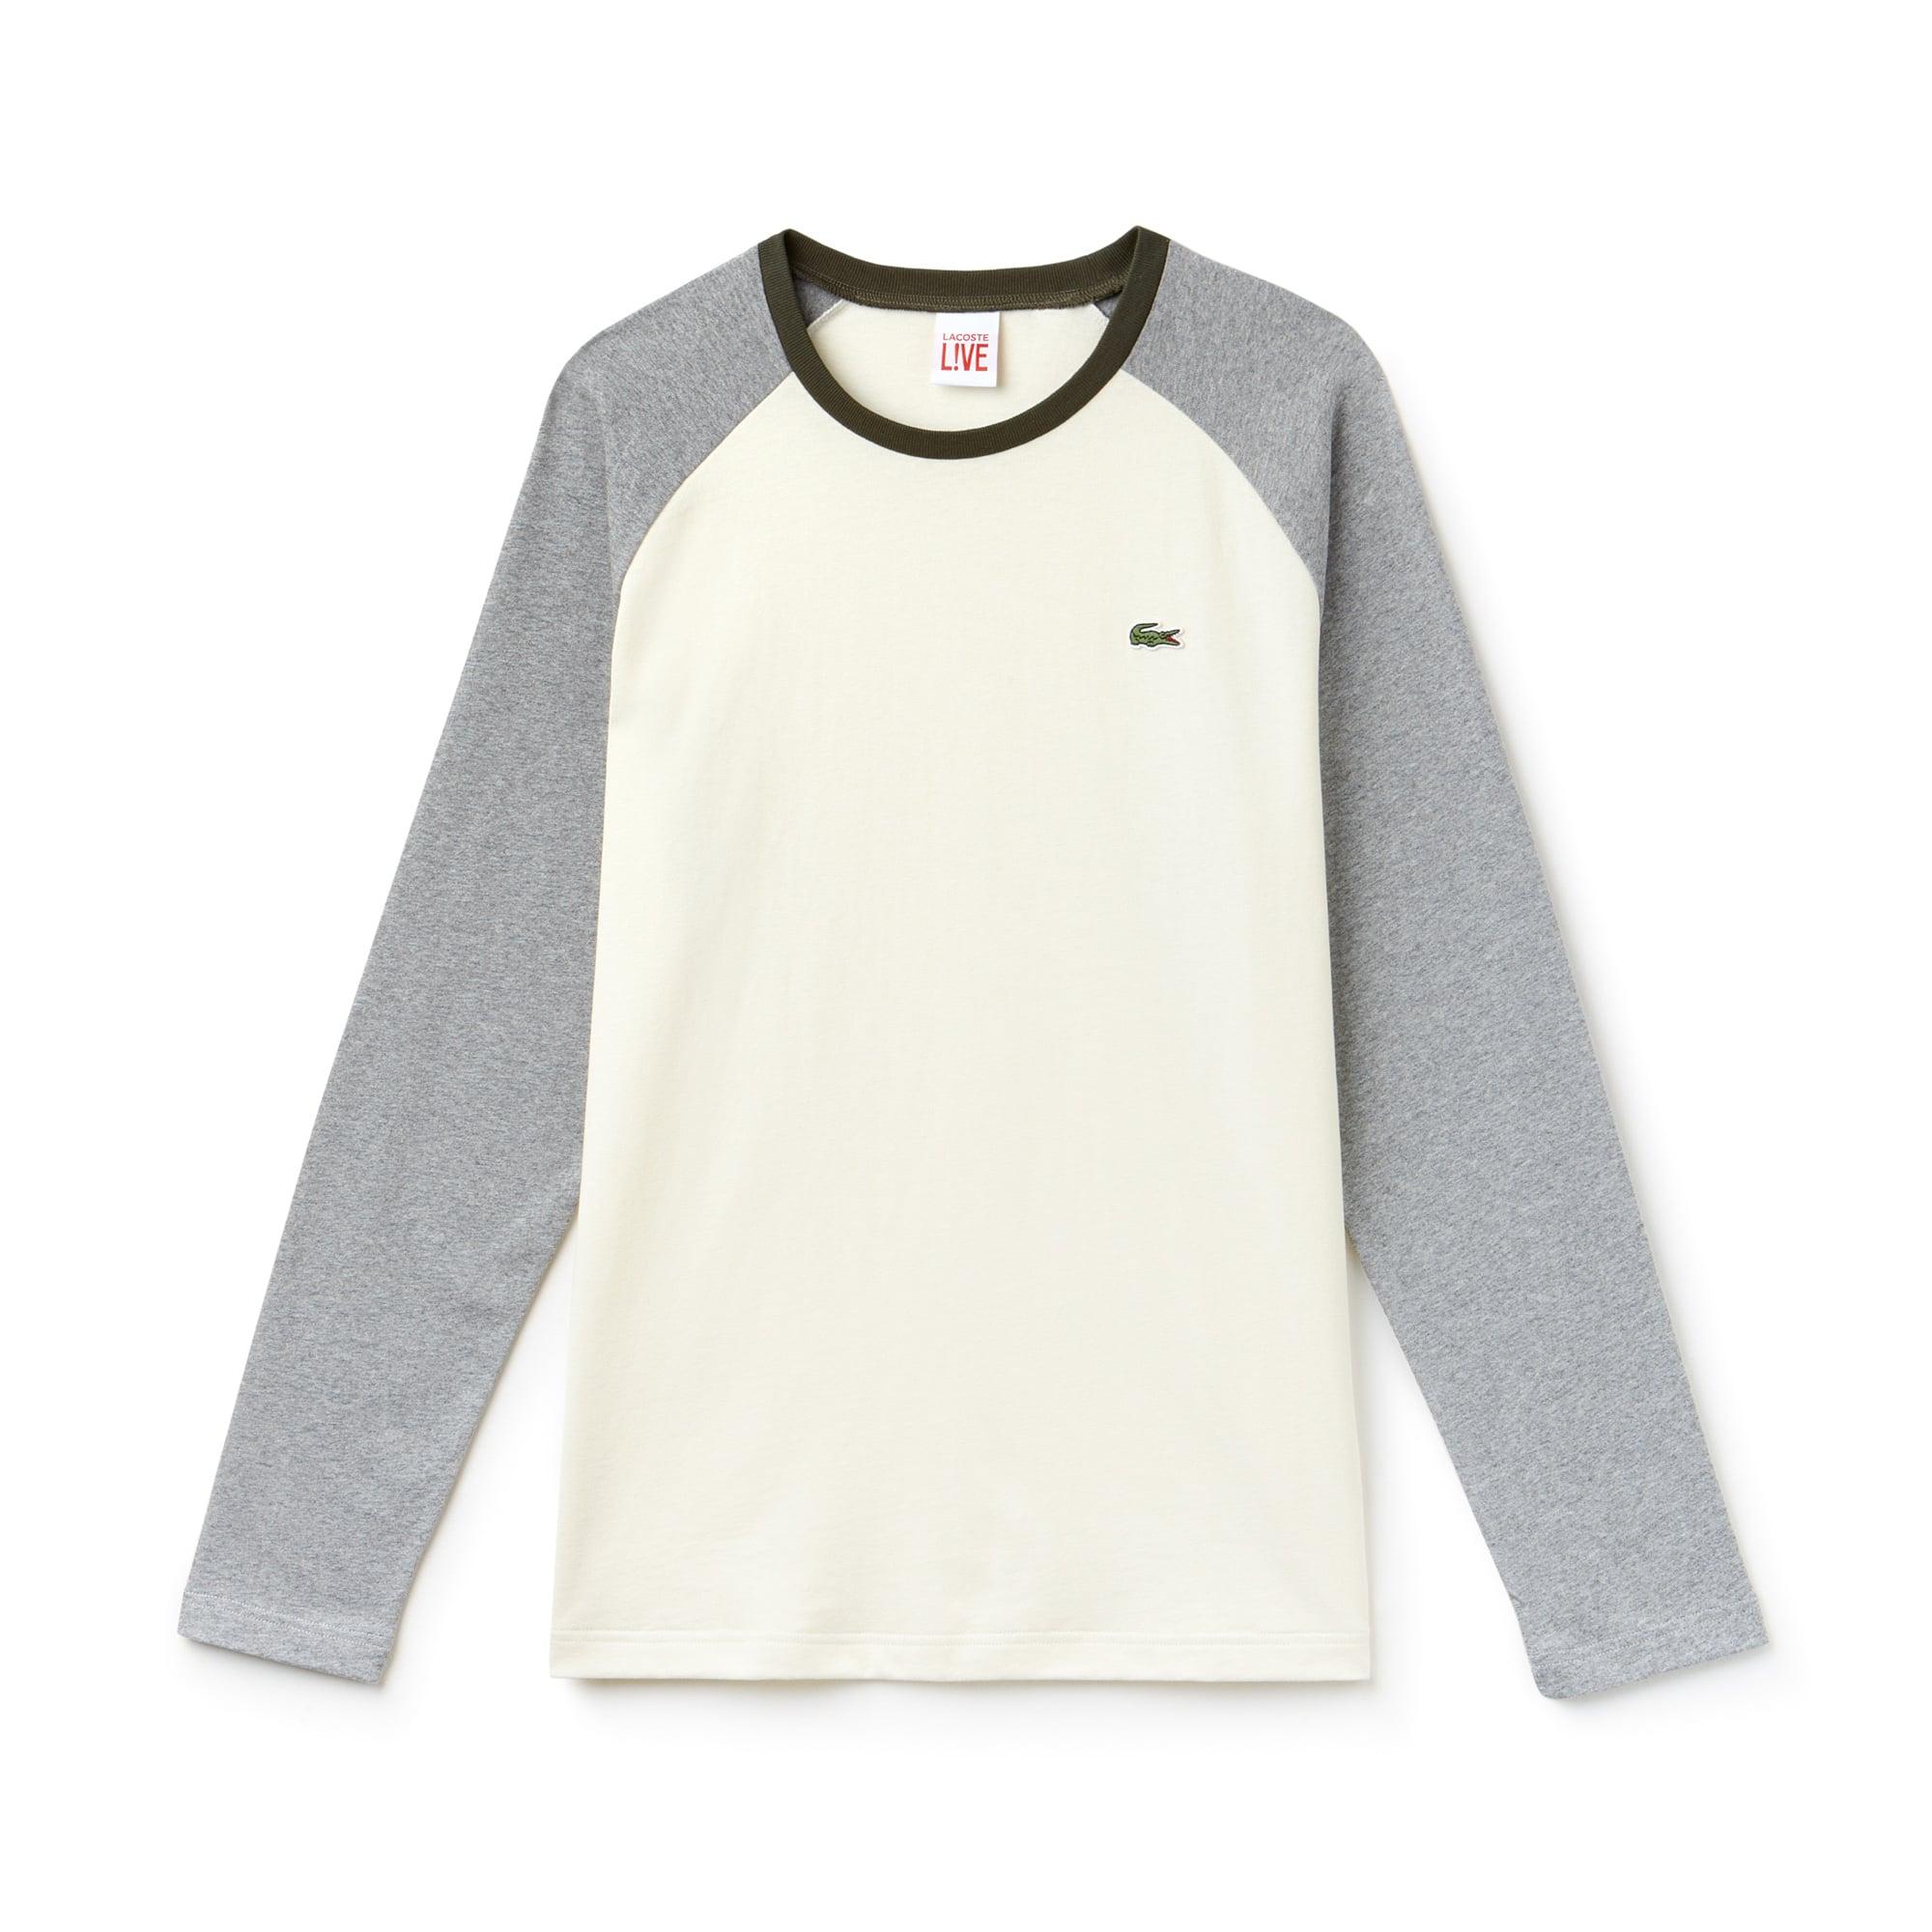 Lacoste LIVE系列男士双色抓绒T恤